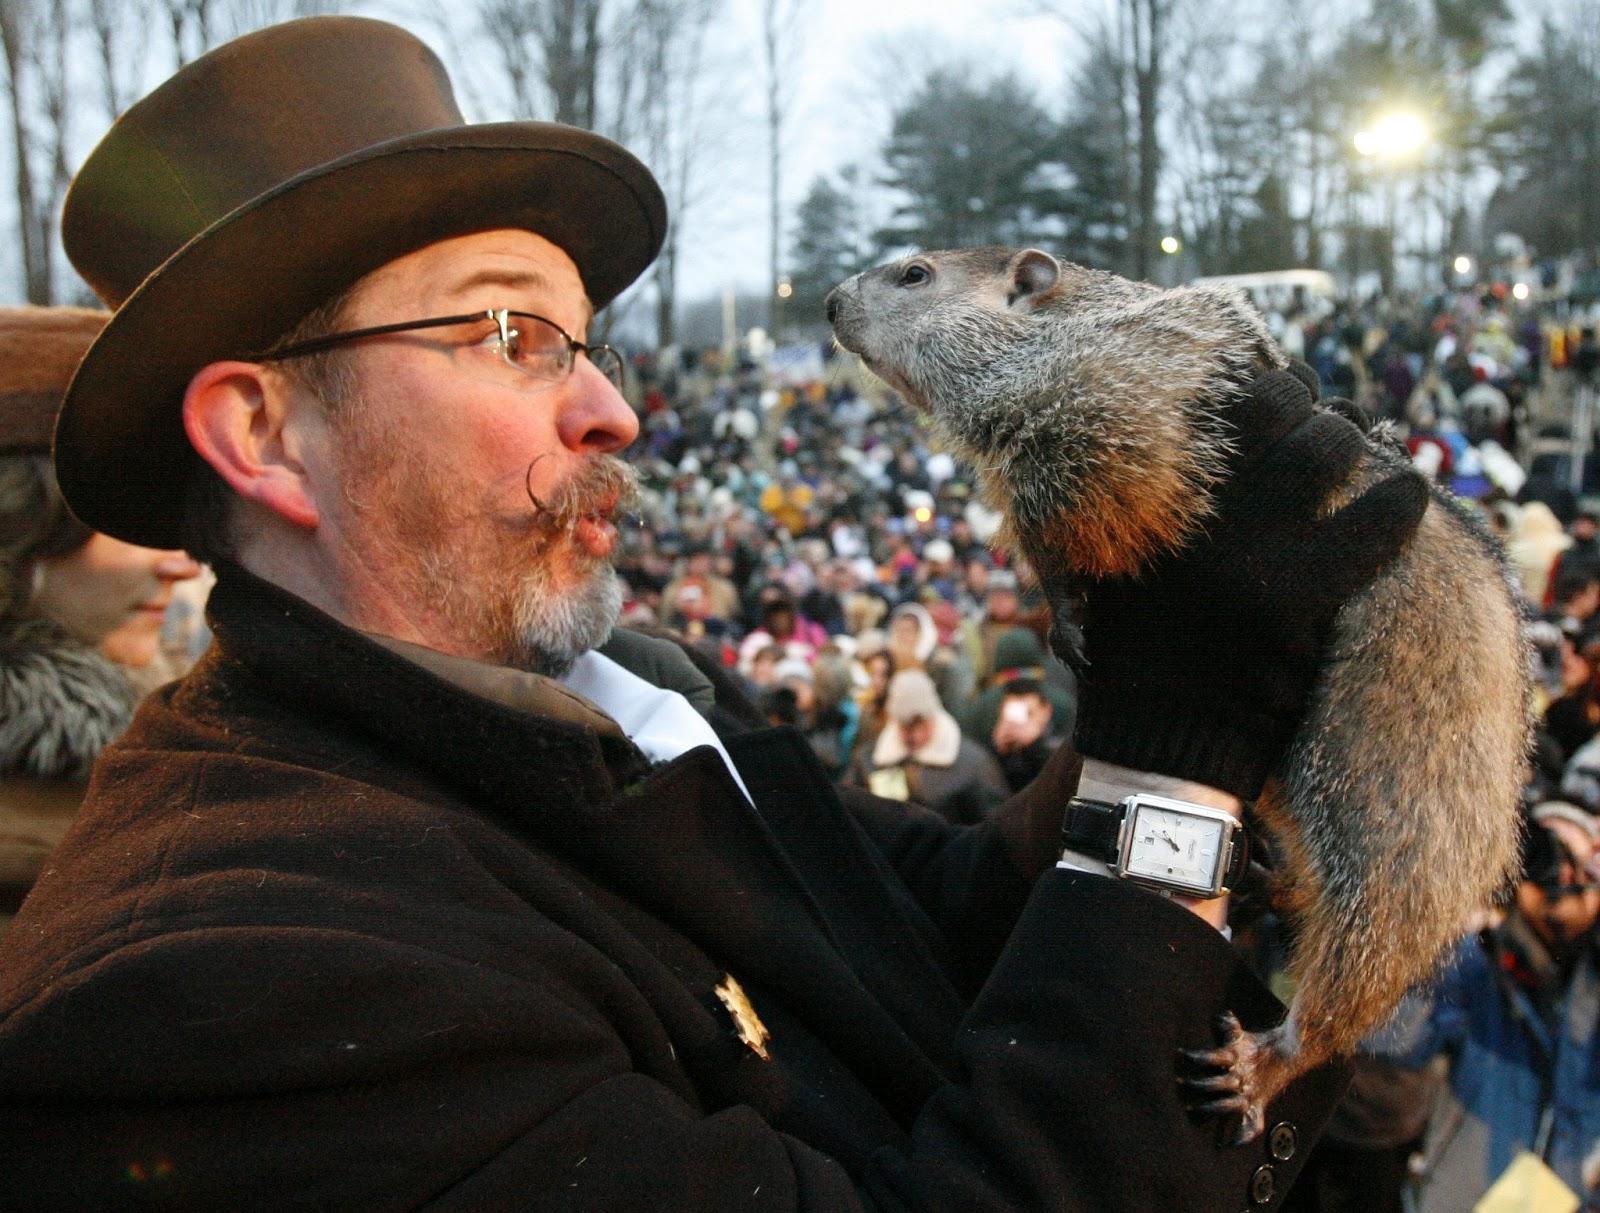 La tradicional Marmota augura una pronta primavera en Canadá